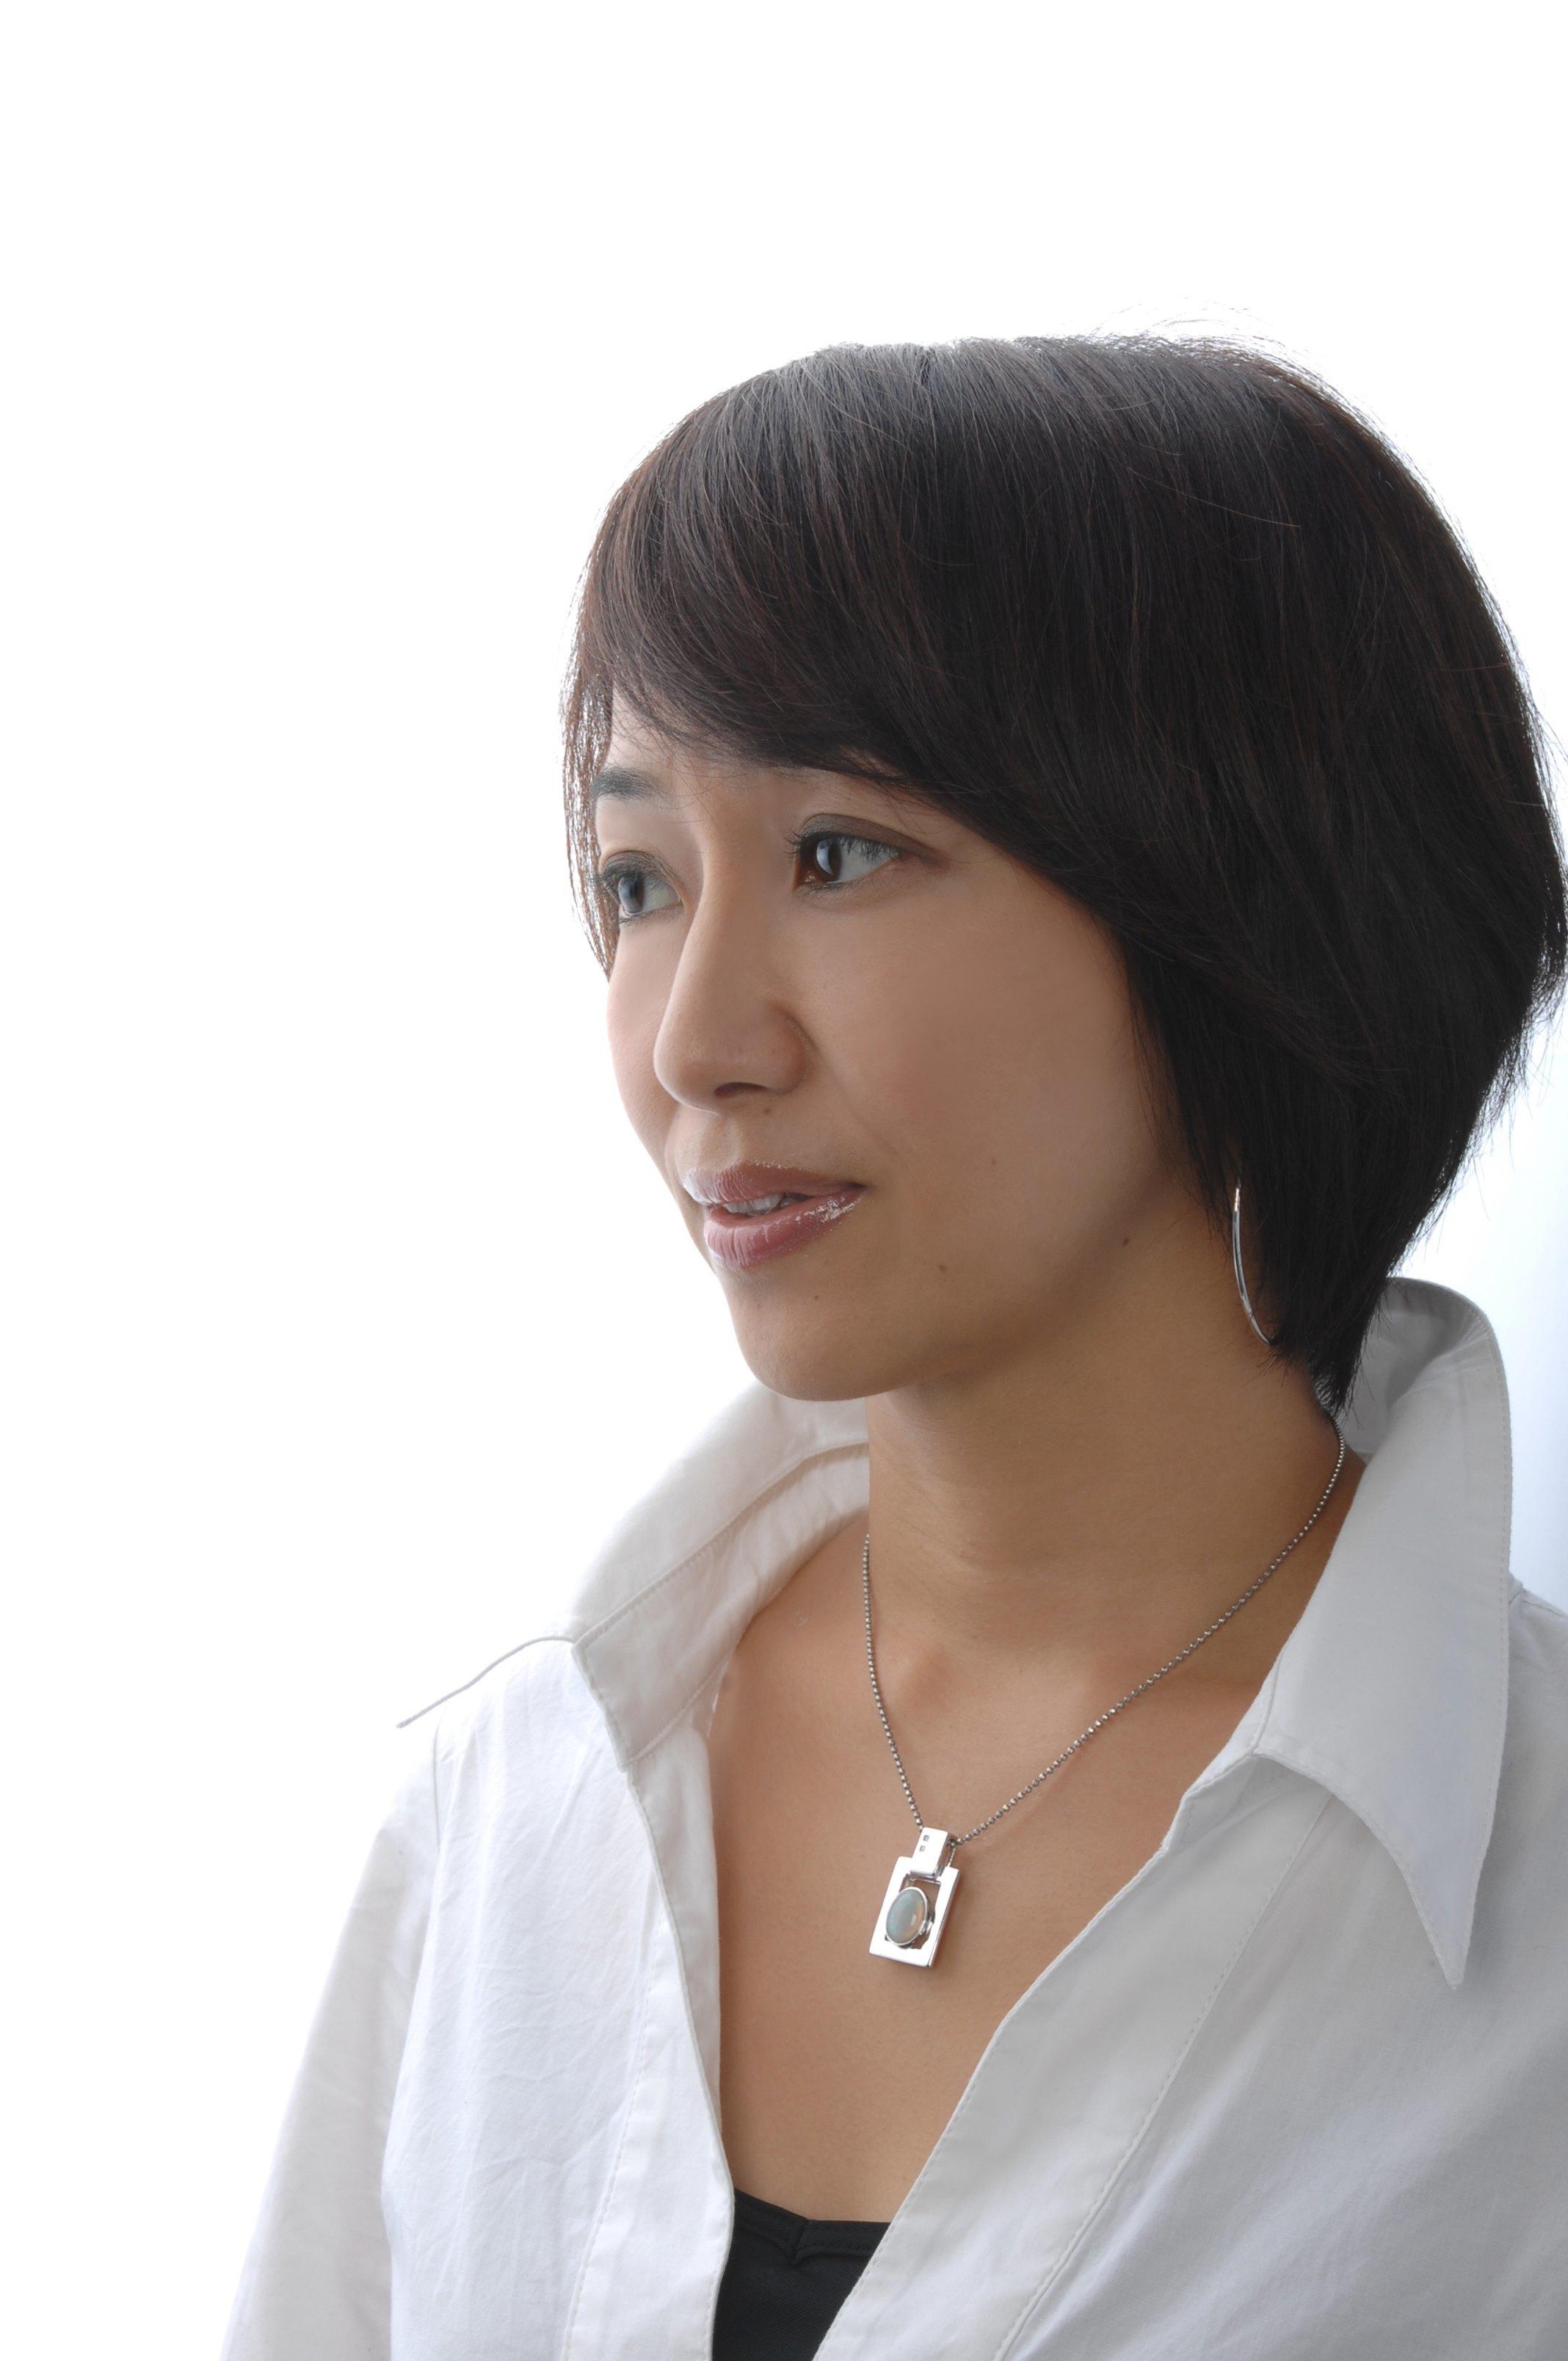 セミナー講師 川澄千明さん